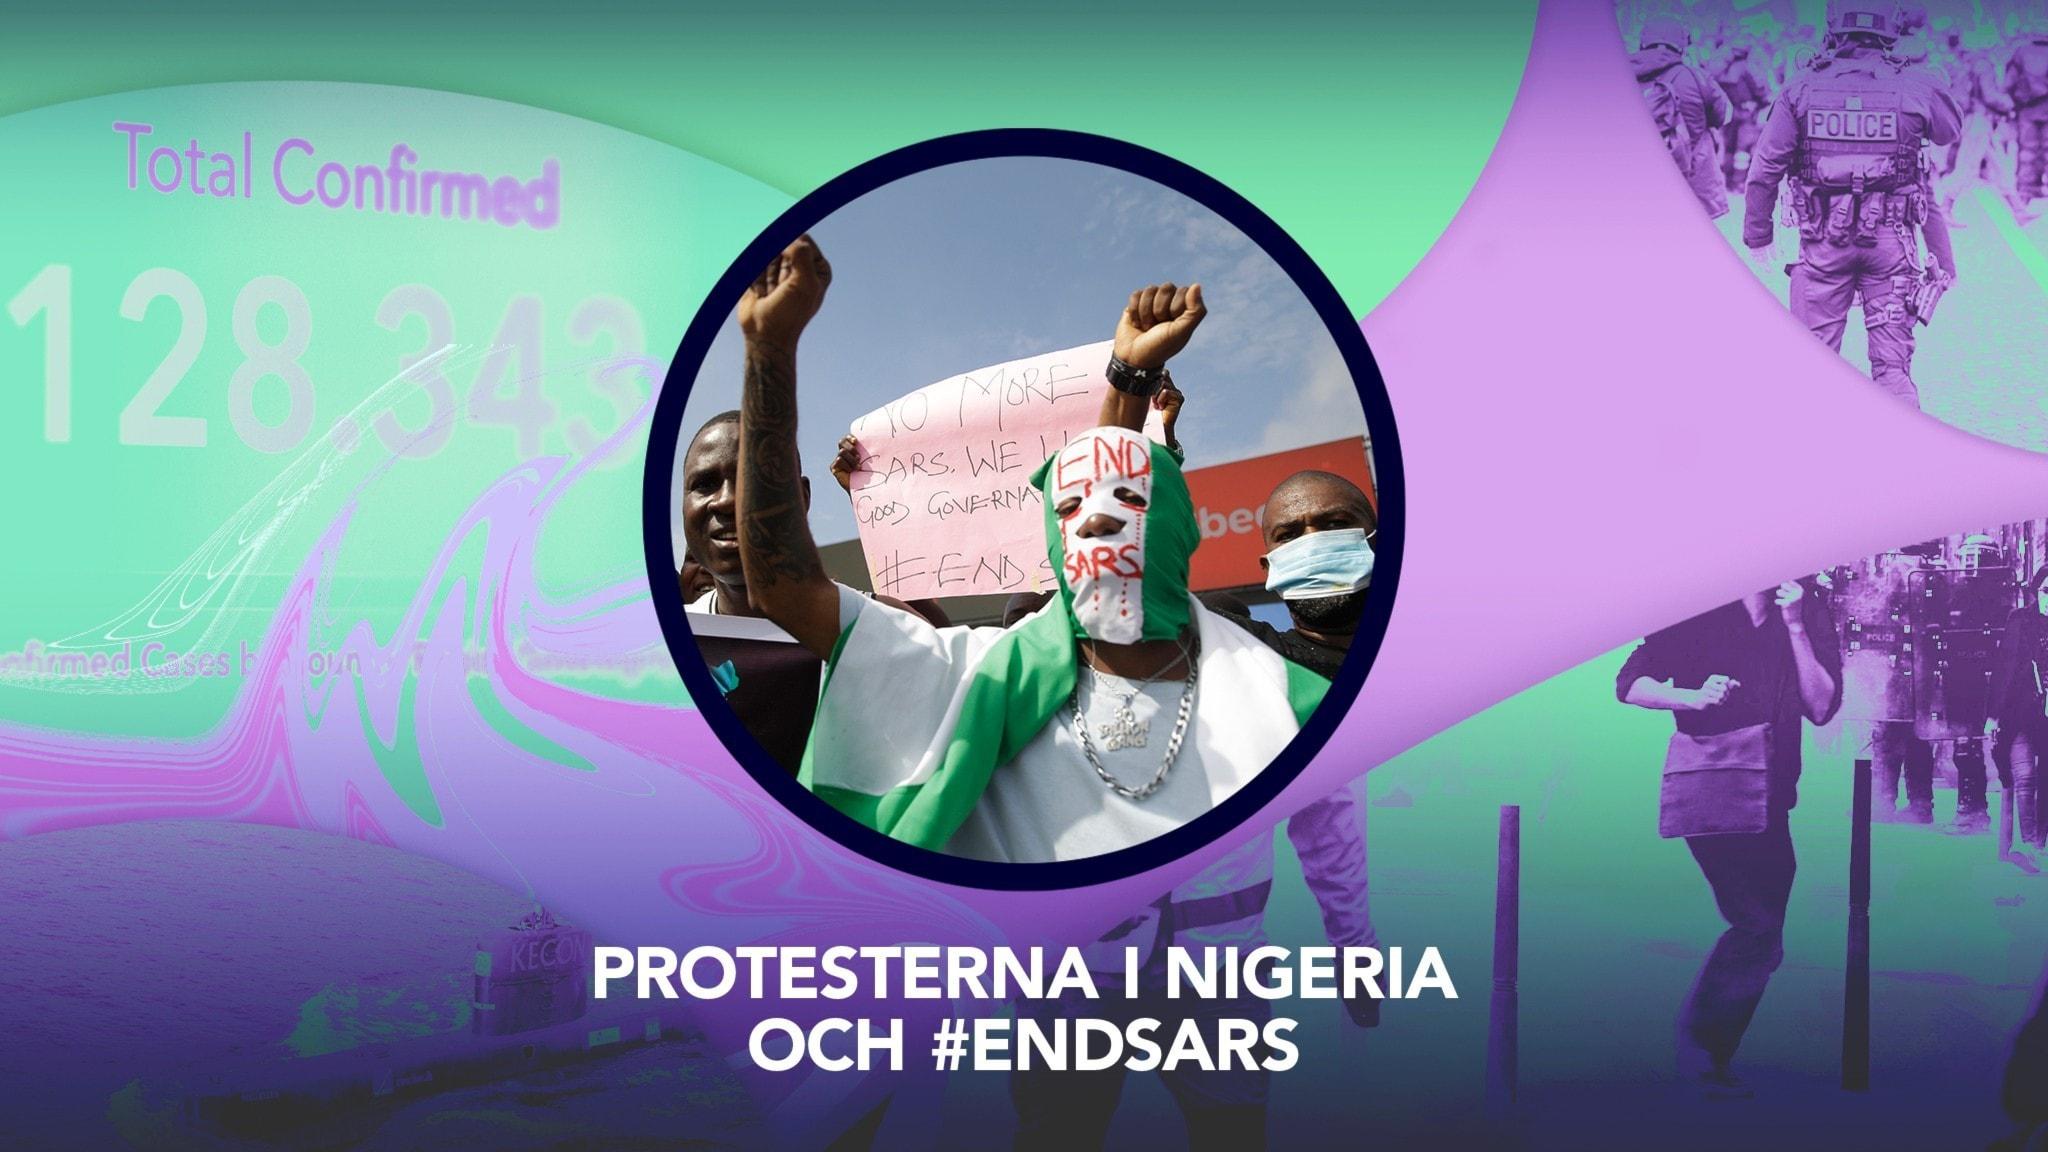 Protesterna i Nigeria och #EndSARS – P3 Nyheter Dokumentär